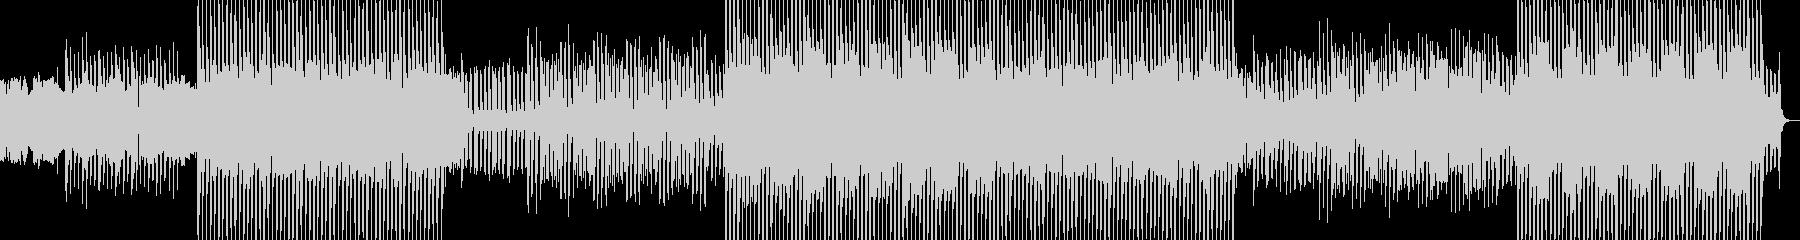 キャッチーなシンセポップ。レディー...の未再生の波形